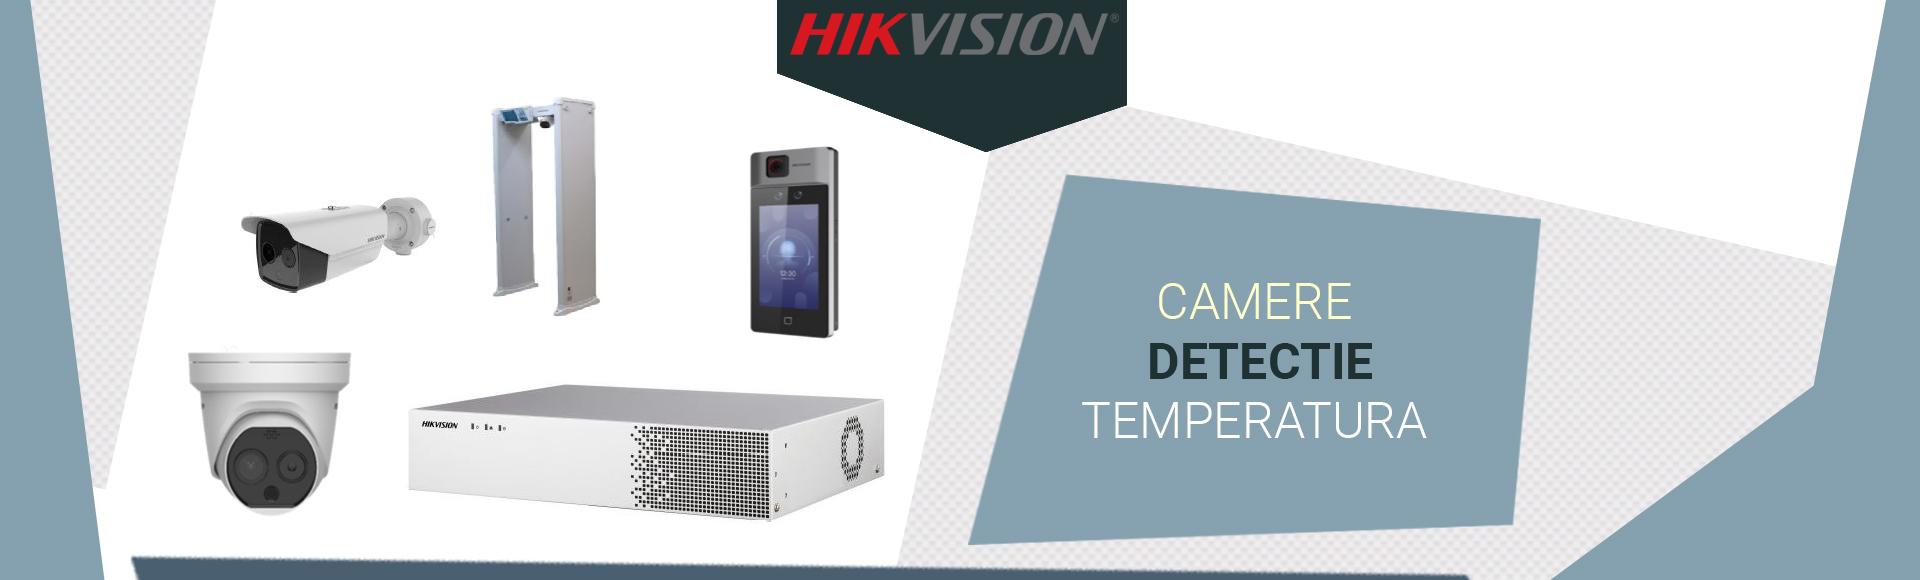 Camera detectie temperatura